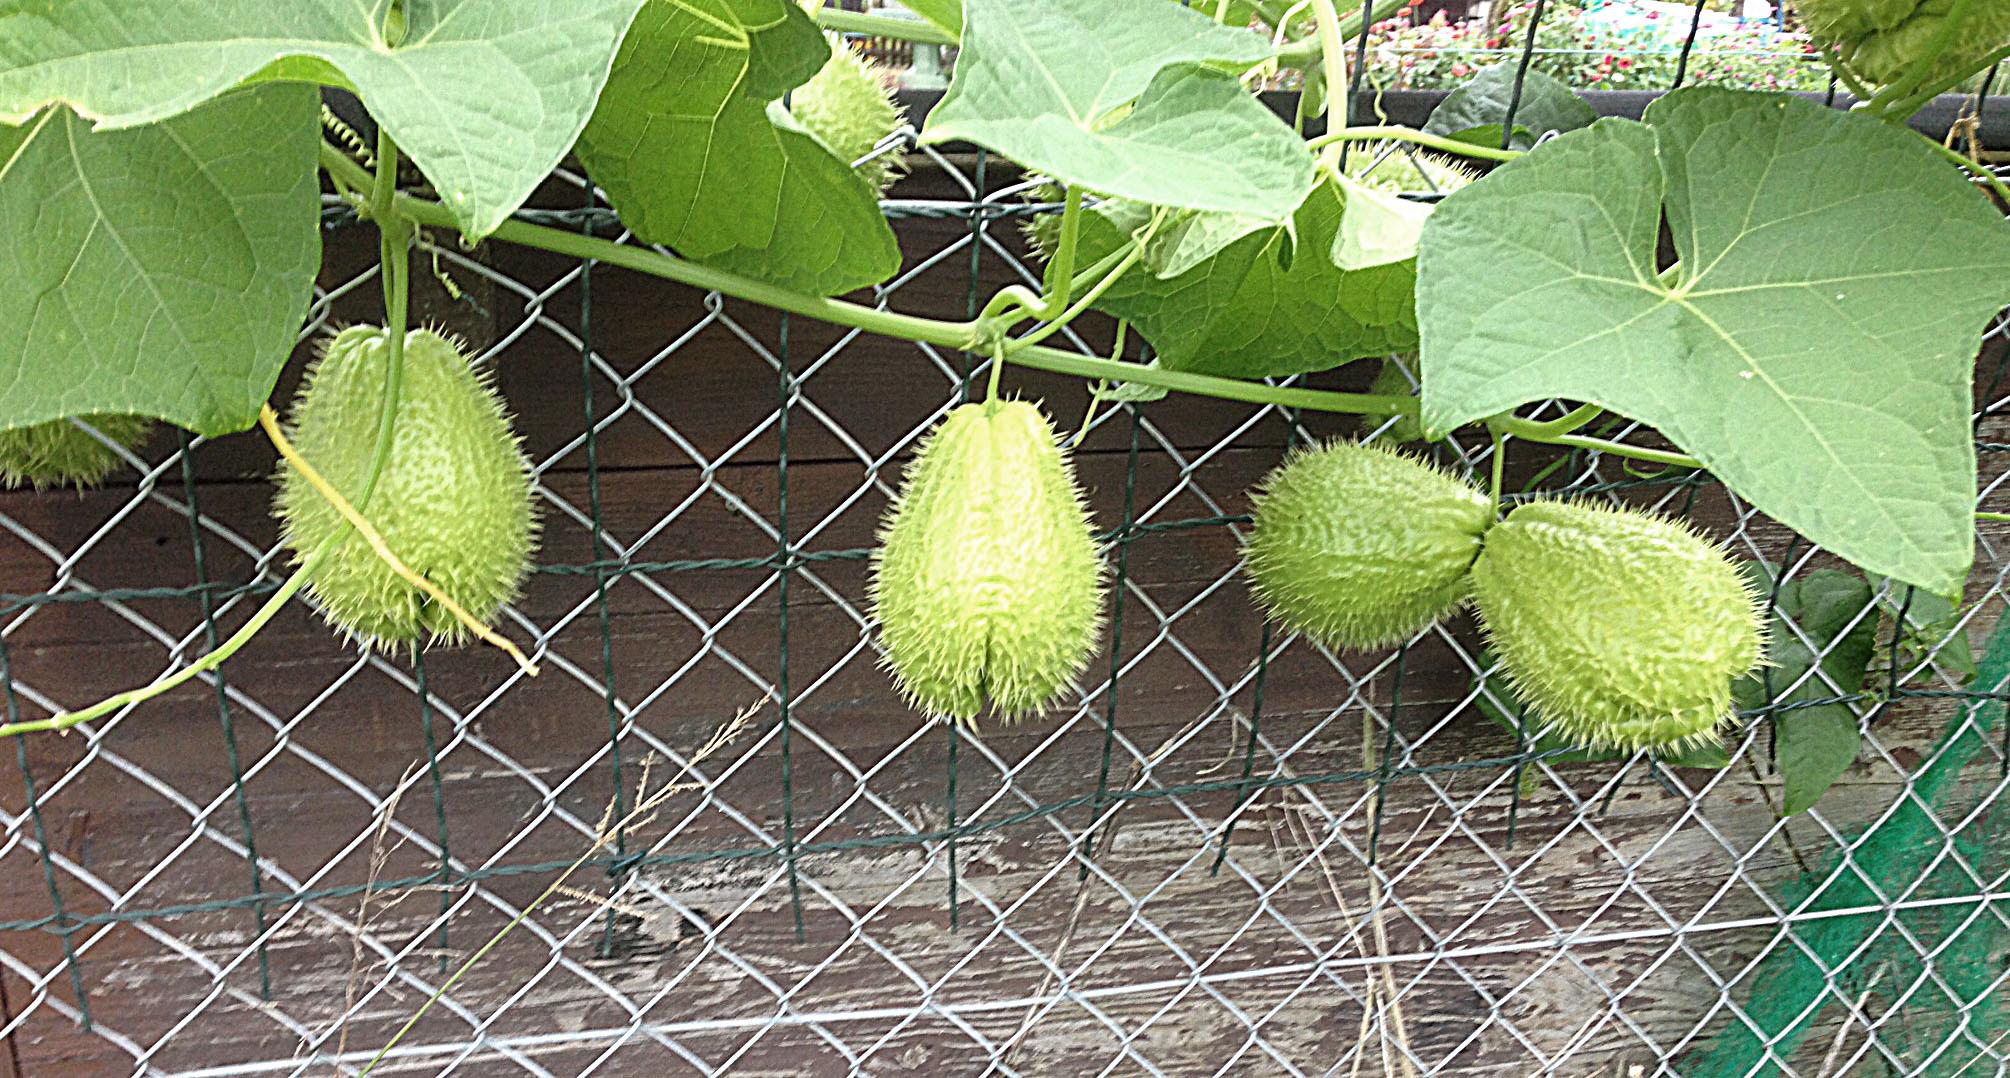 Kennt jemand diese stachligen  Früchte ?